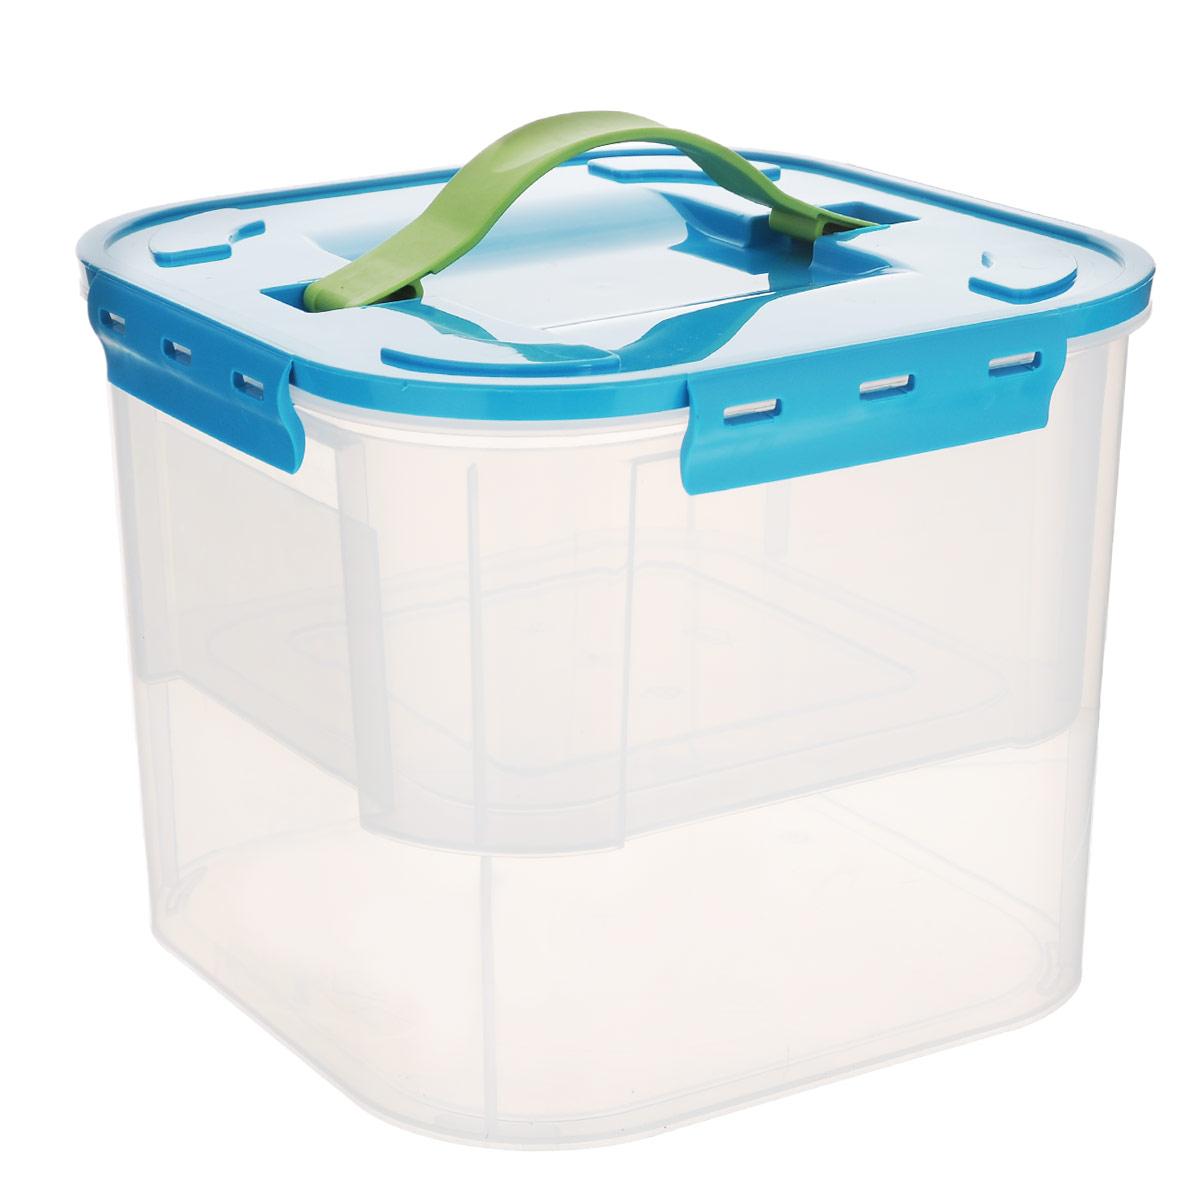 """Idea (М-пластика) Контейнер """"Idea"""", с вкладышем, цвет: бирюзовый, прозрачный, 7 л"""